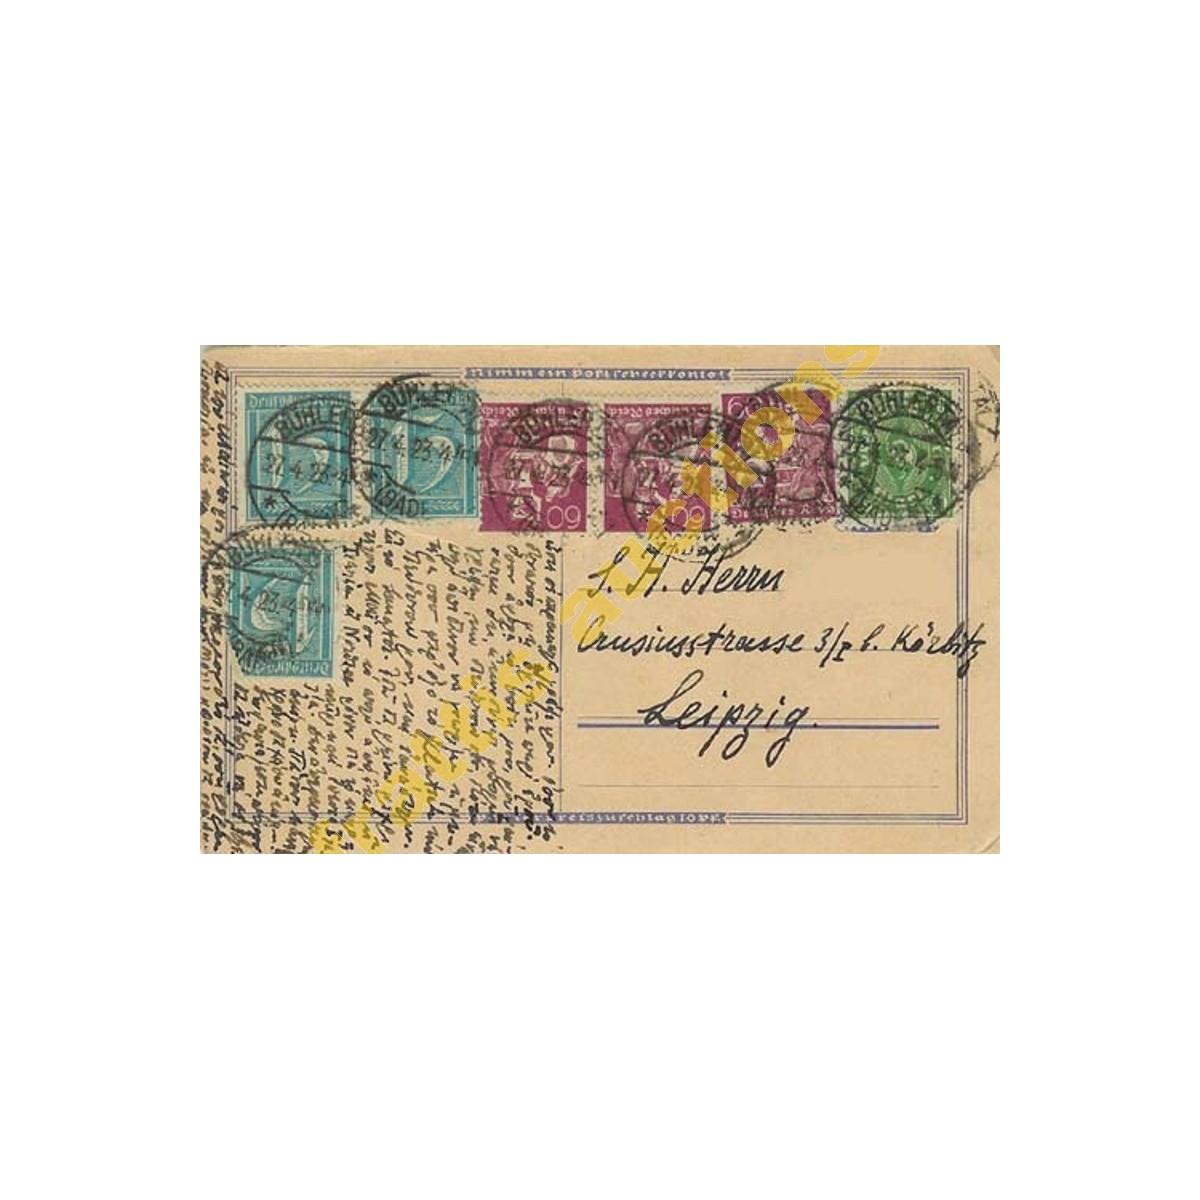 Επιστολική κάρτα προς Λ. Ευταξία Λειψία.